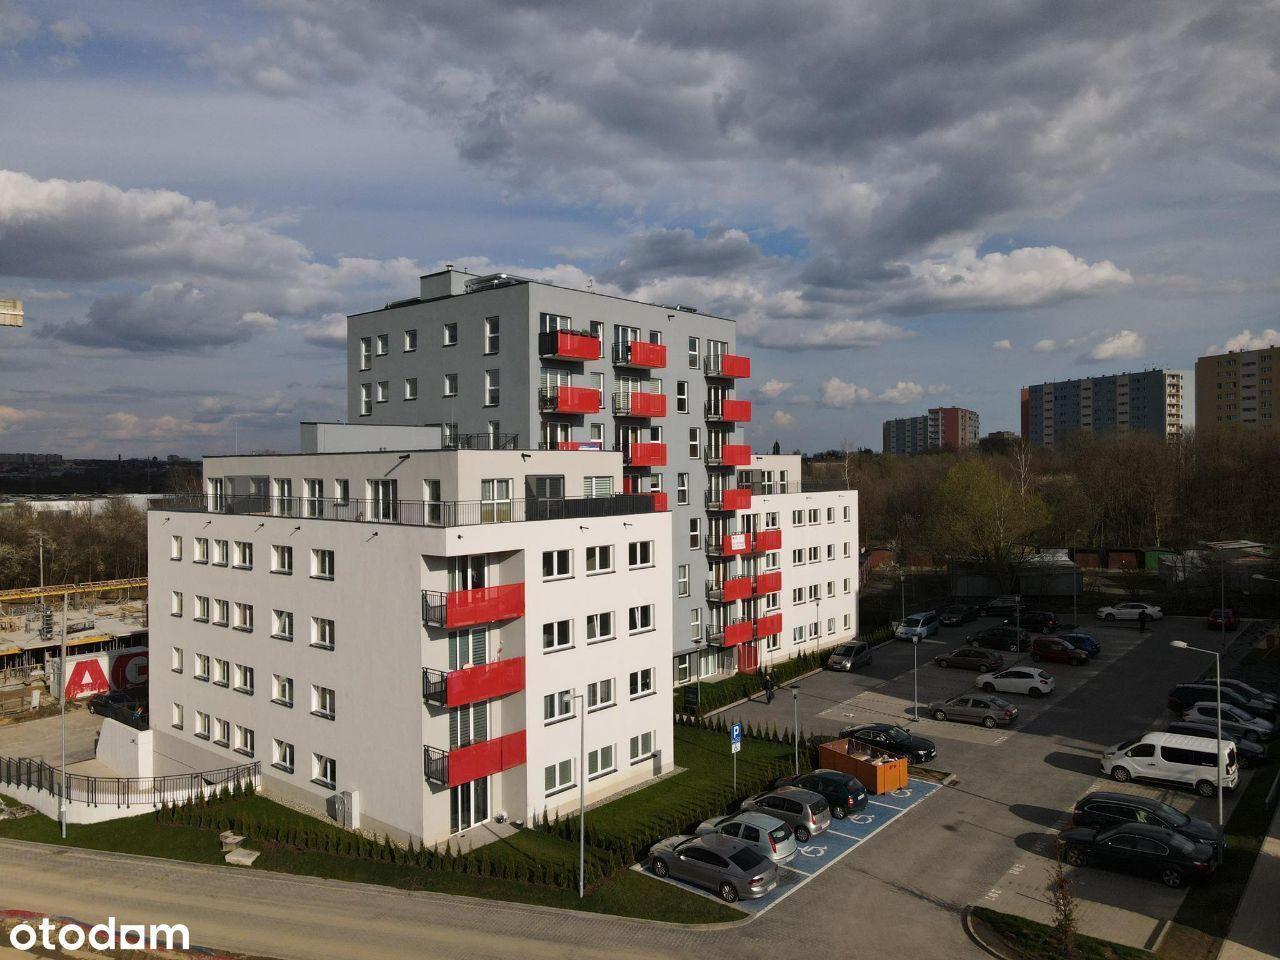 Apartament 51m2, 3 pok, Gwarancja najniższej ceny!